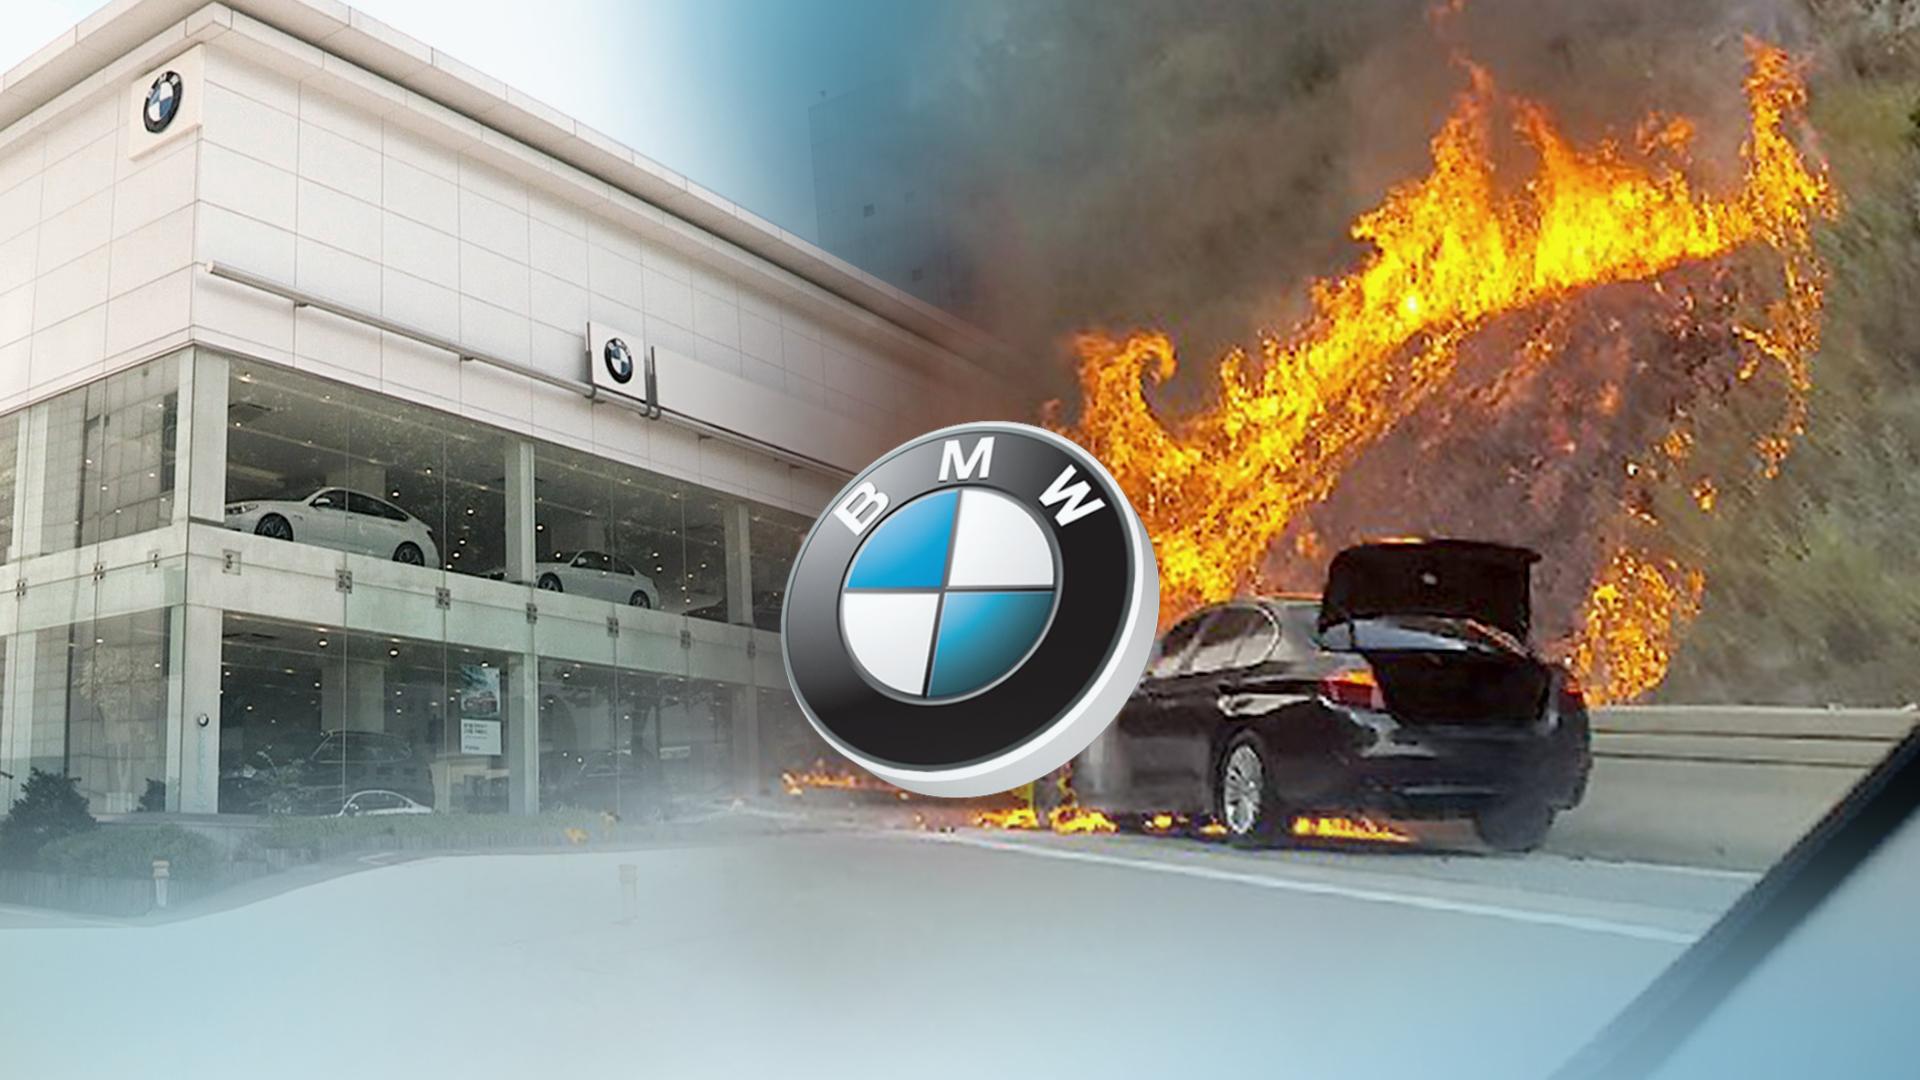 국회 국토교통위원회는 28일 BMW 화재 사고와 관련해 국토위 차원의 공청회를 개최한다. [연합뉴스]